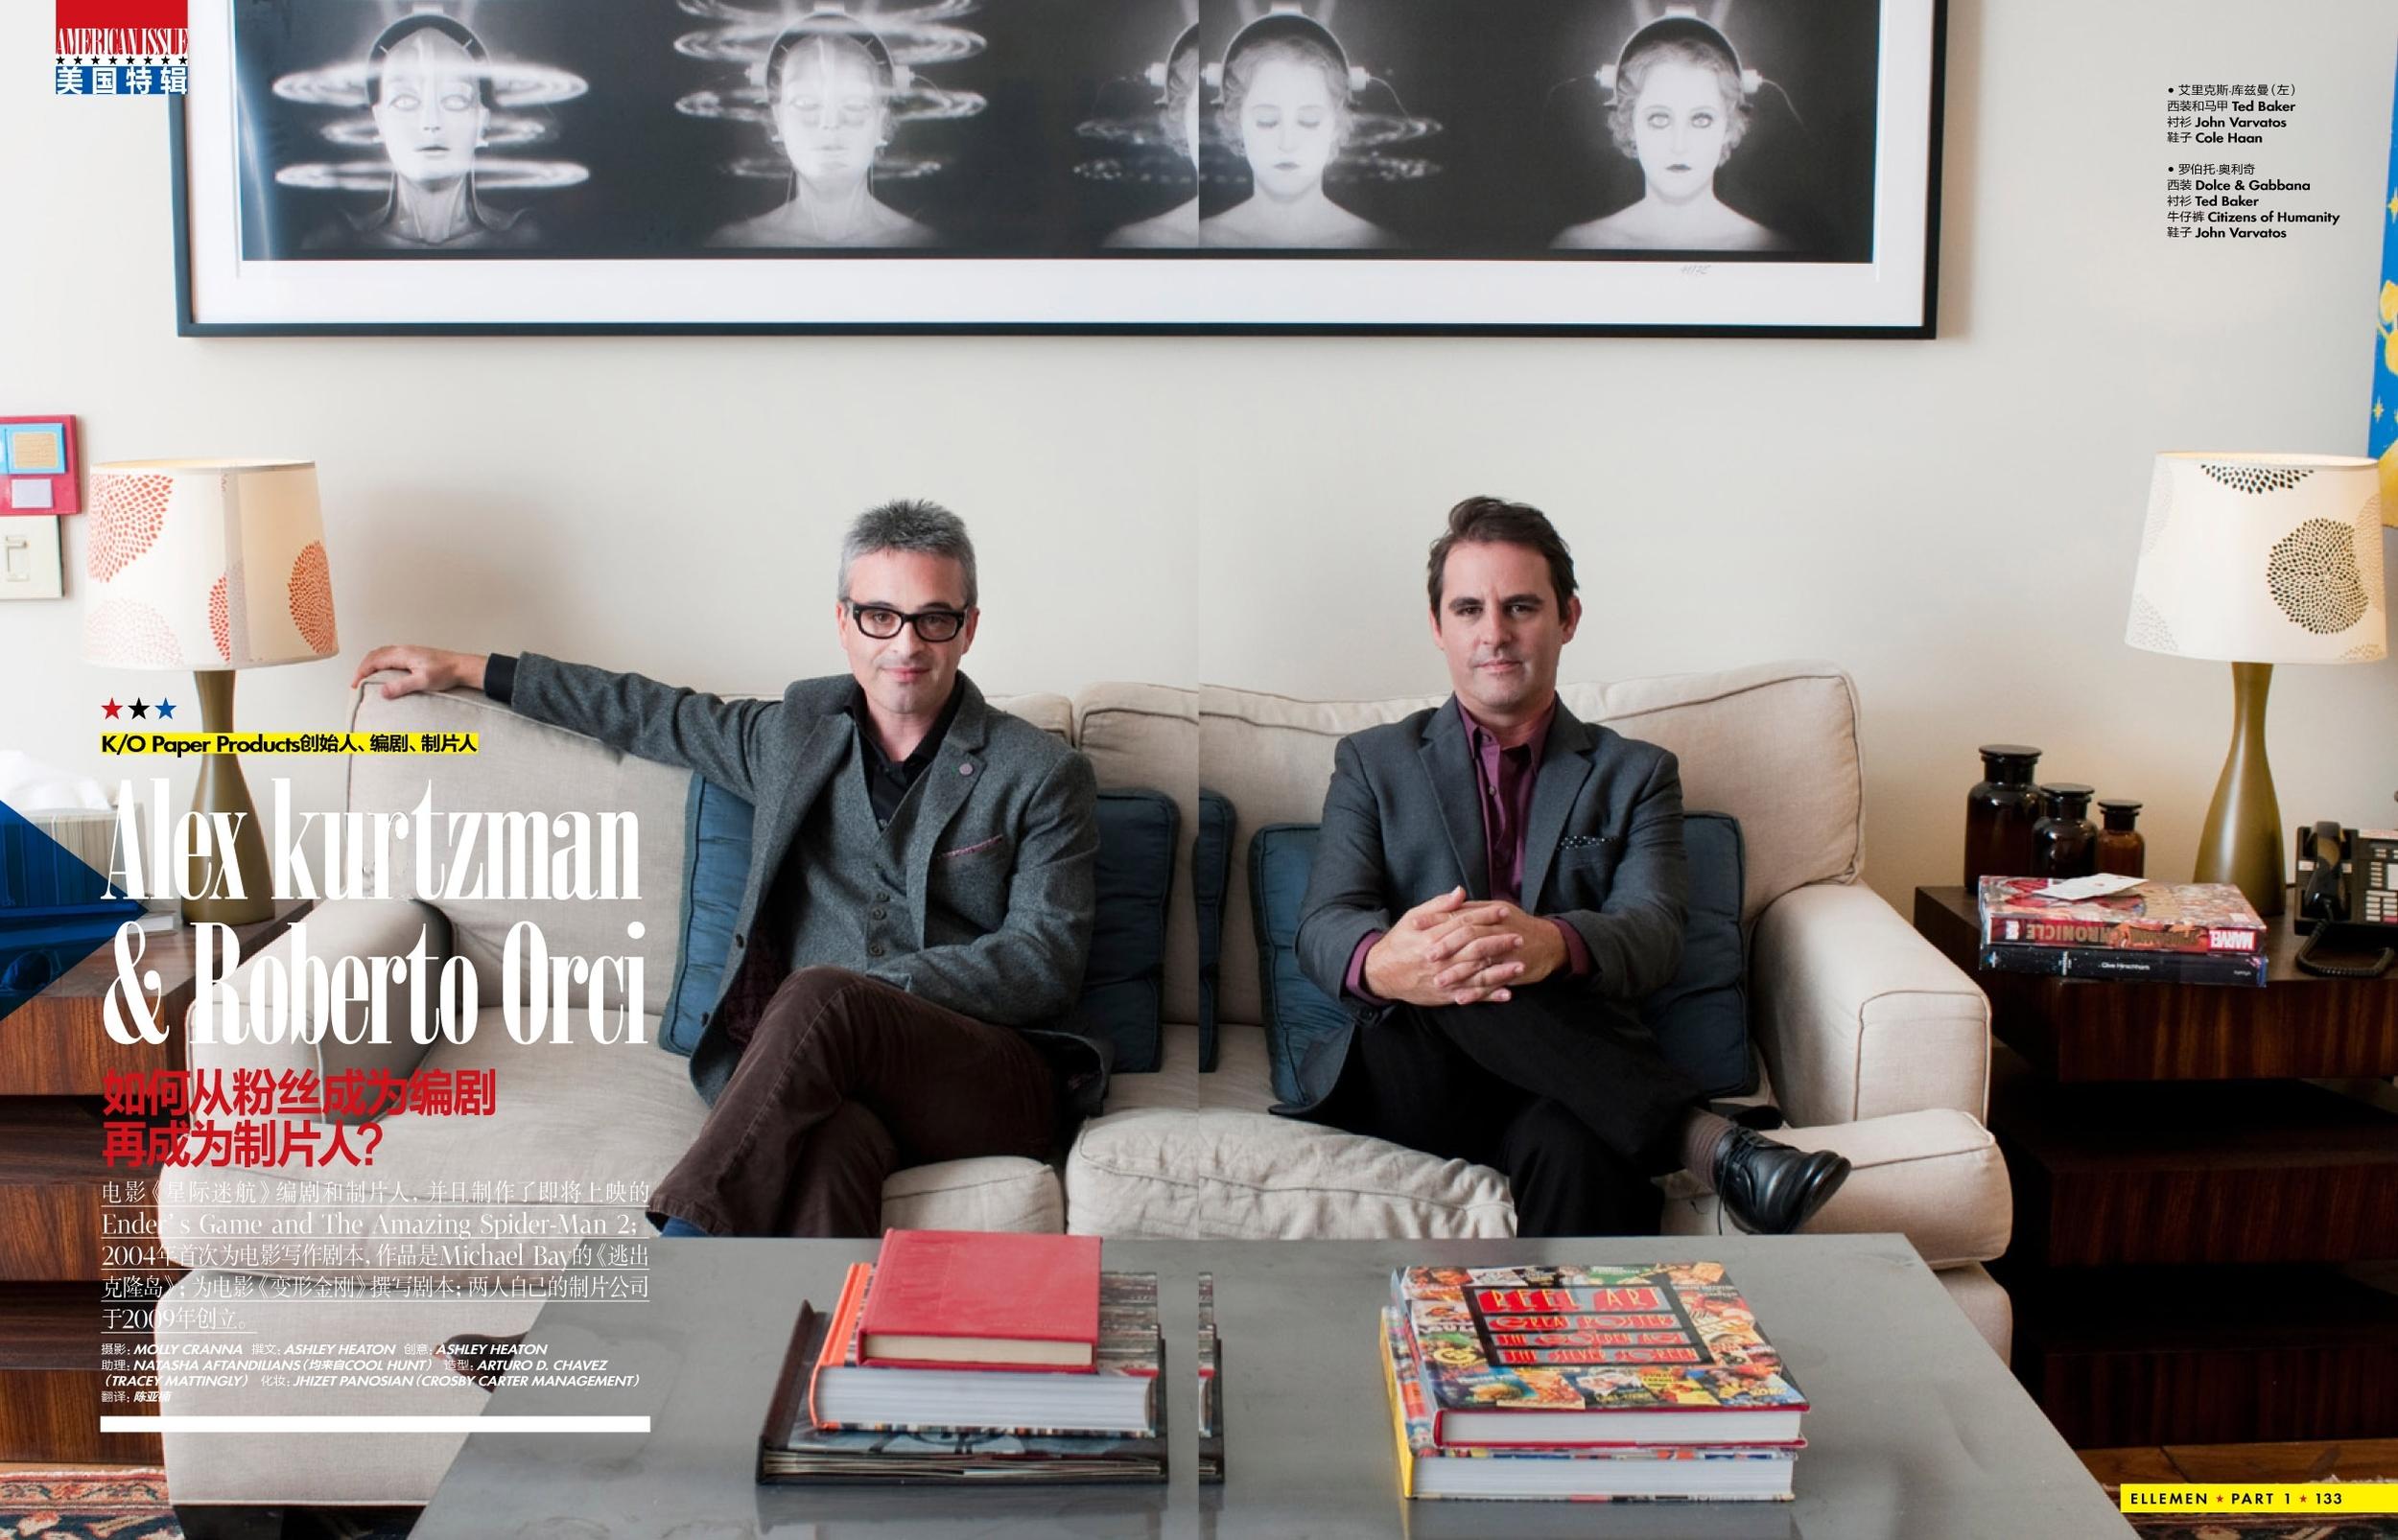 2013-Sept.-issue-1-Hollywood-moguls-41.jpg